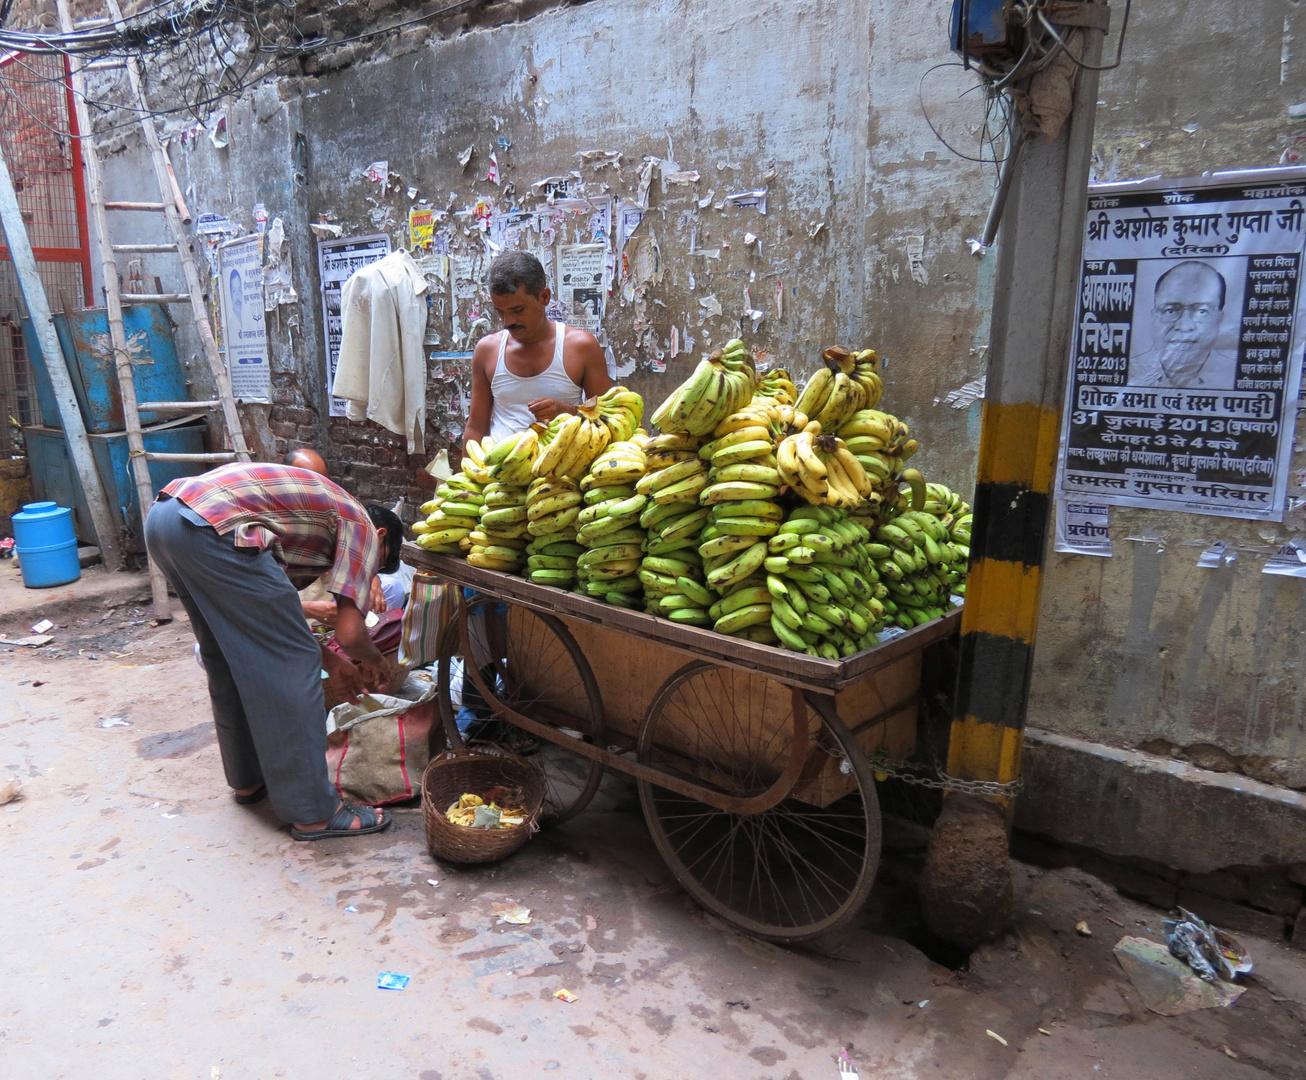 Banana for sale